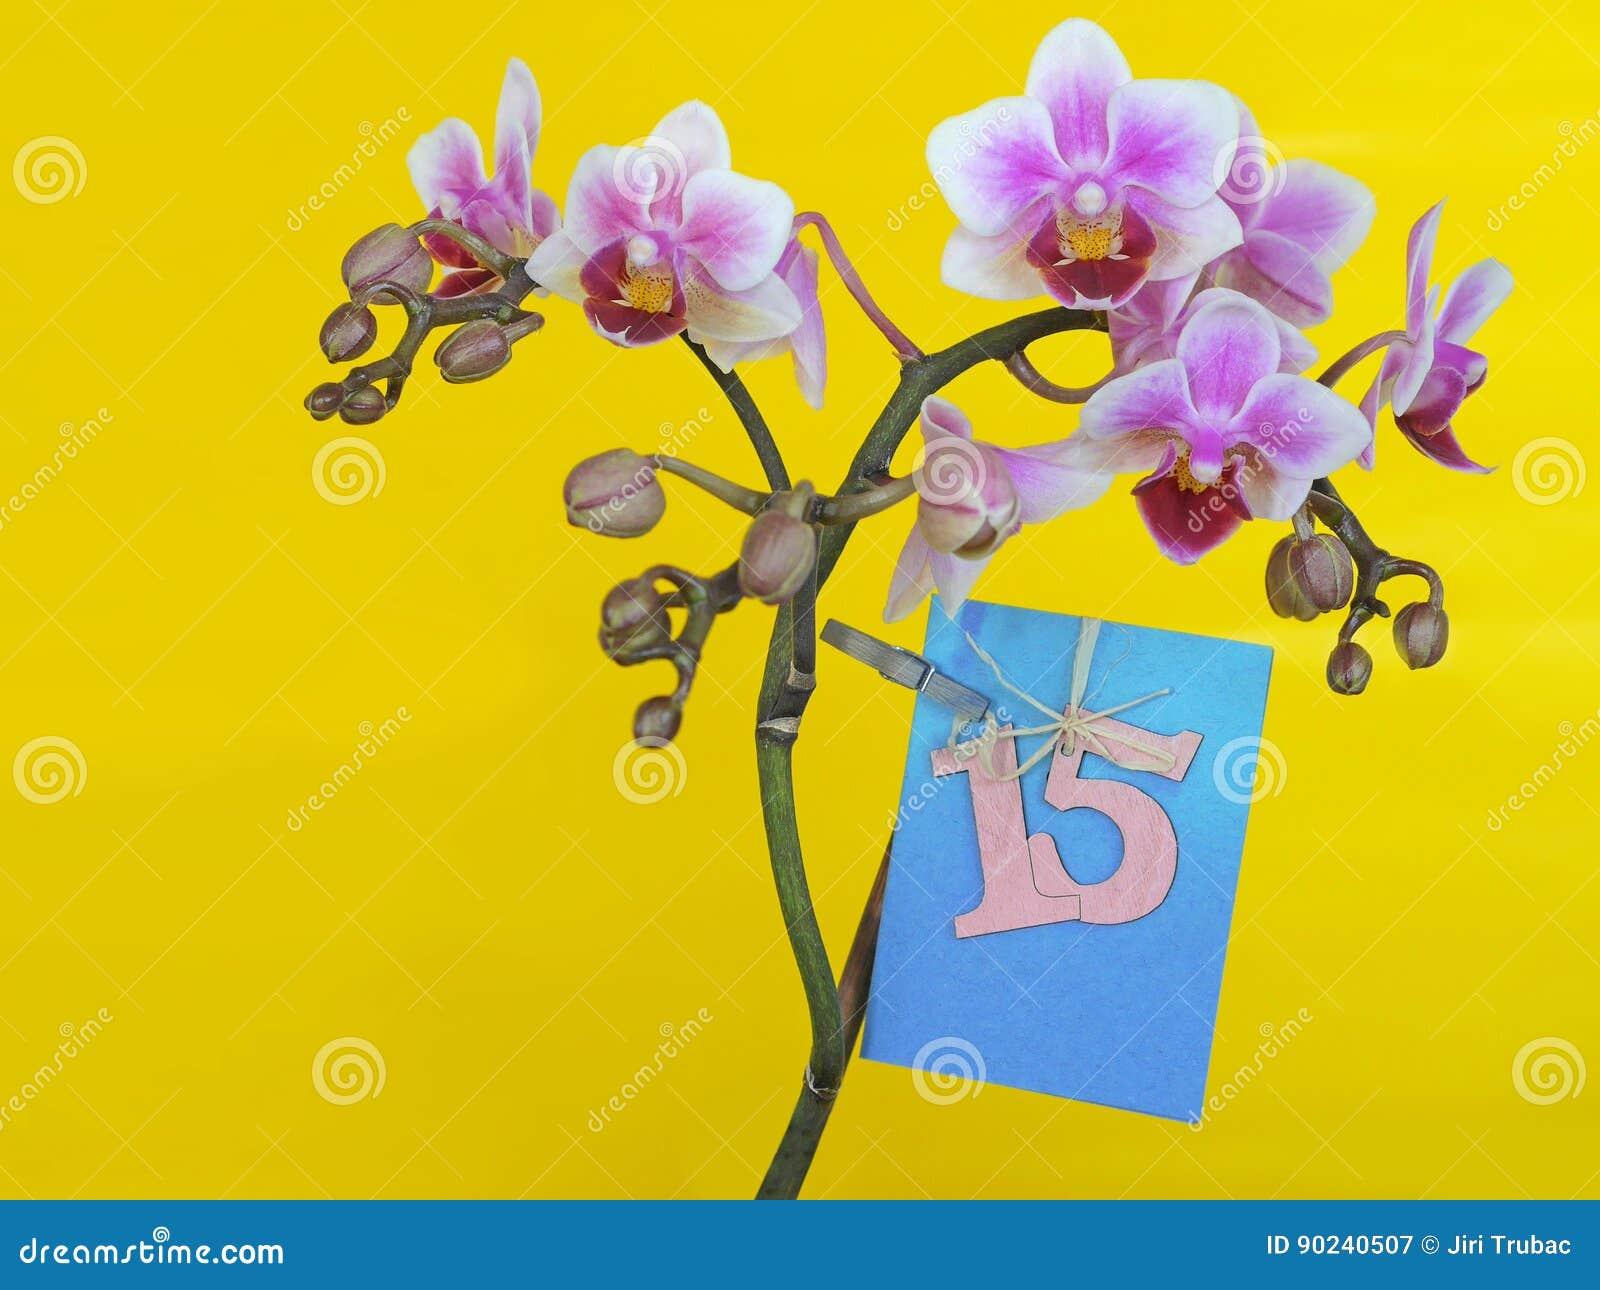 Fiori Con La C.Fiore Con Dedica Feste Della Carta Di Buon Compleanno Che